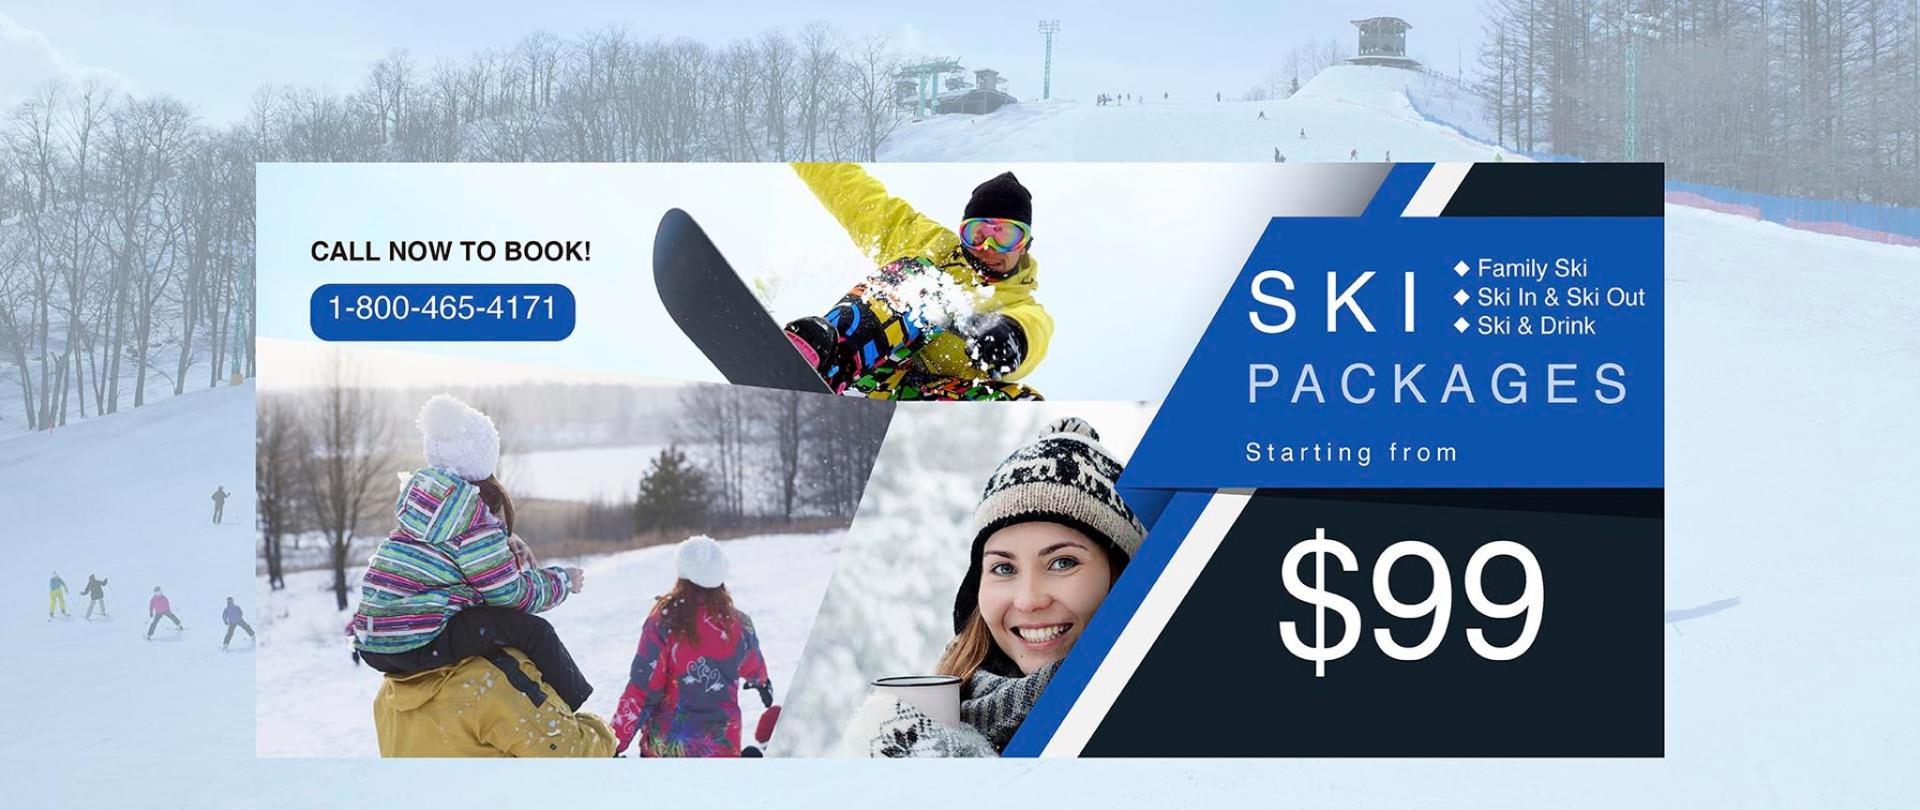 ski-02.jpg